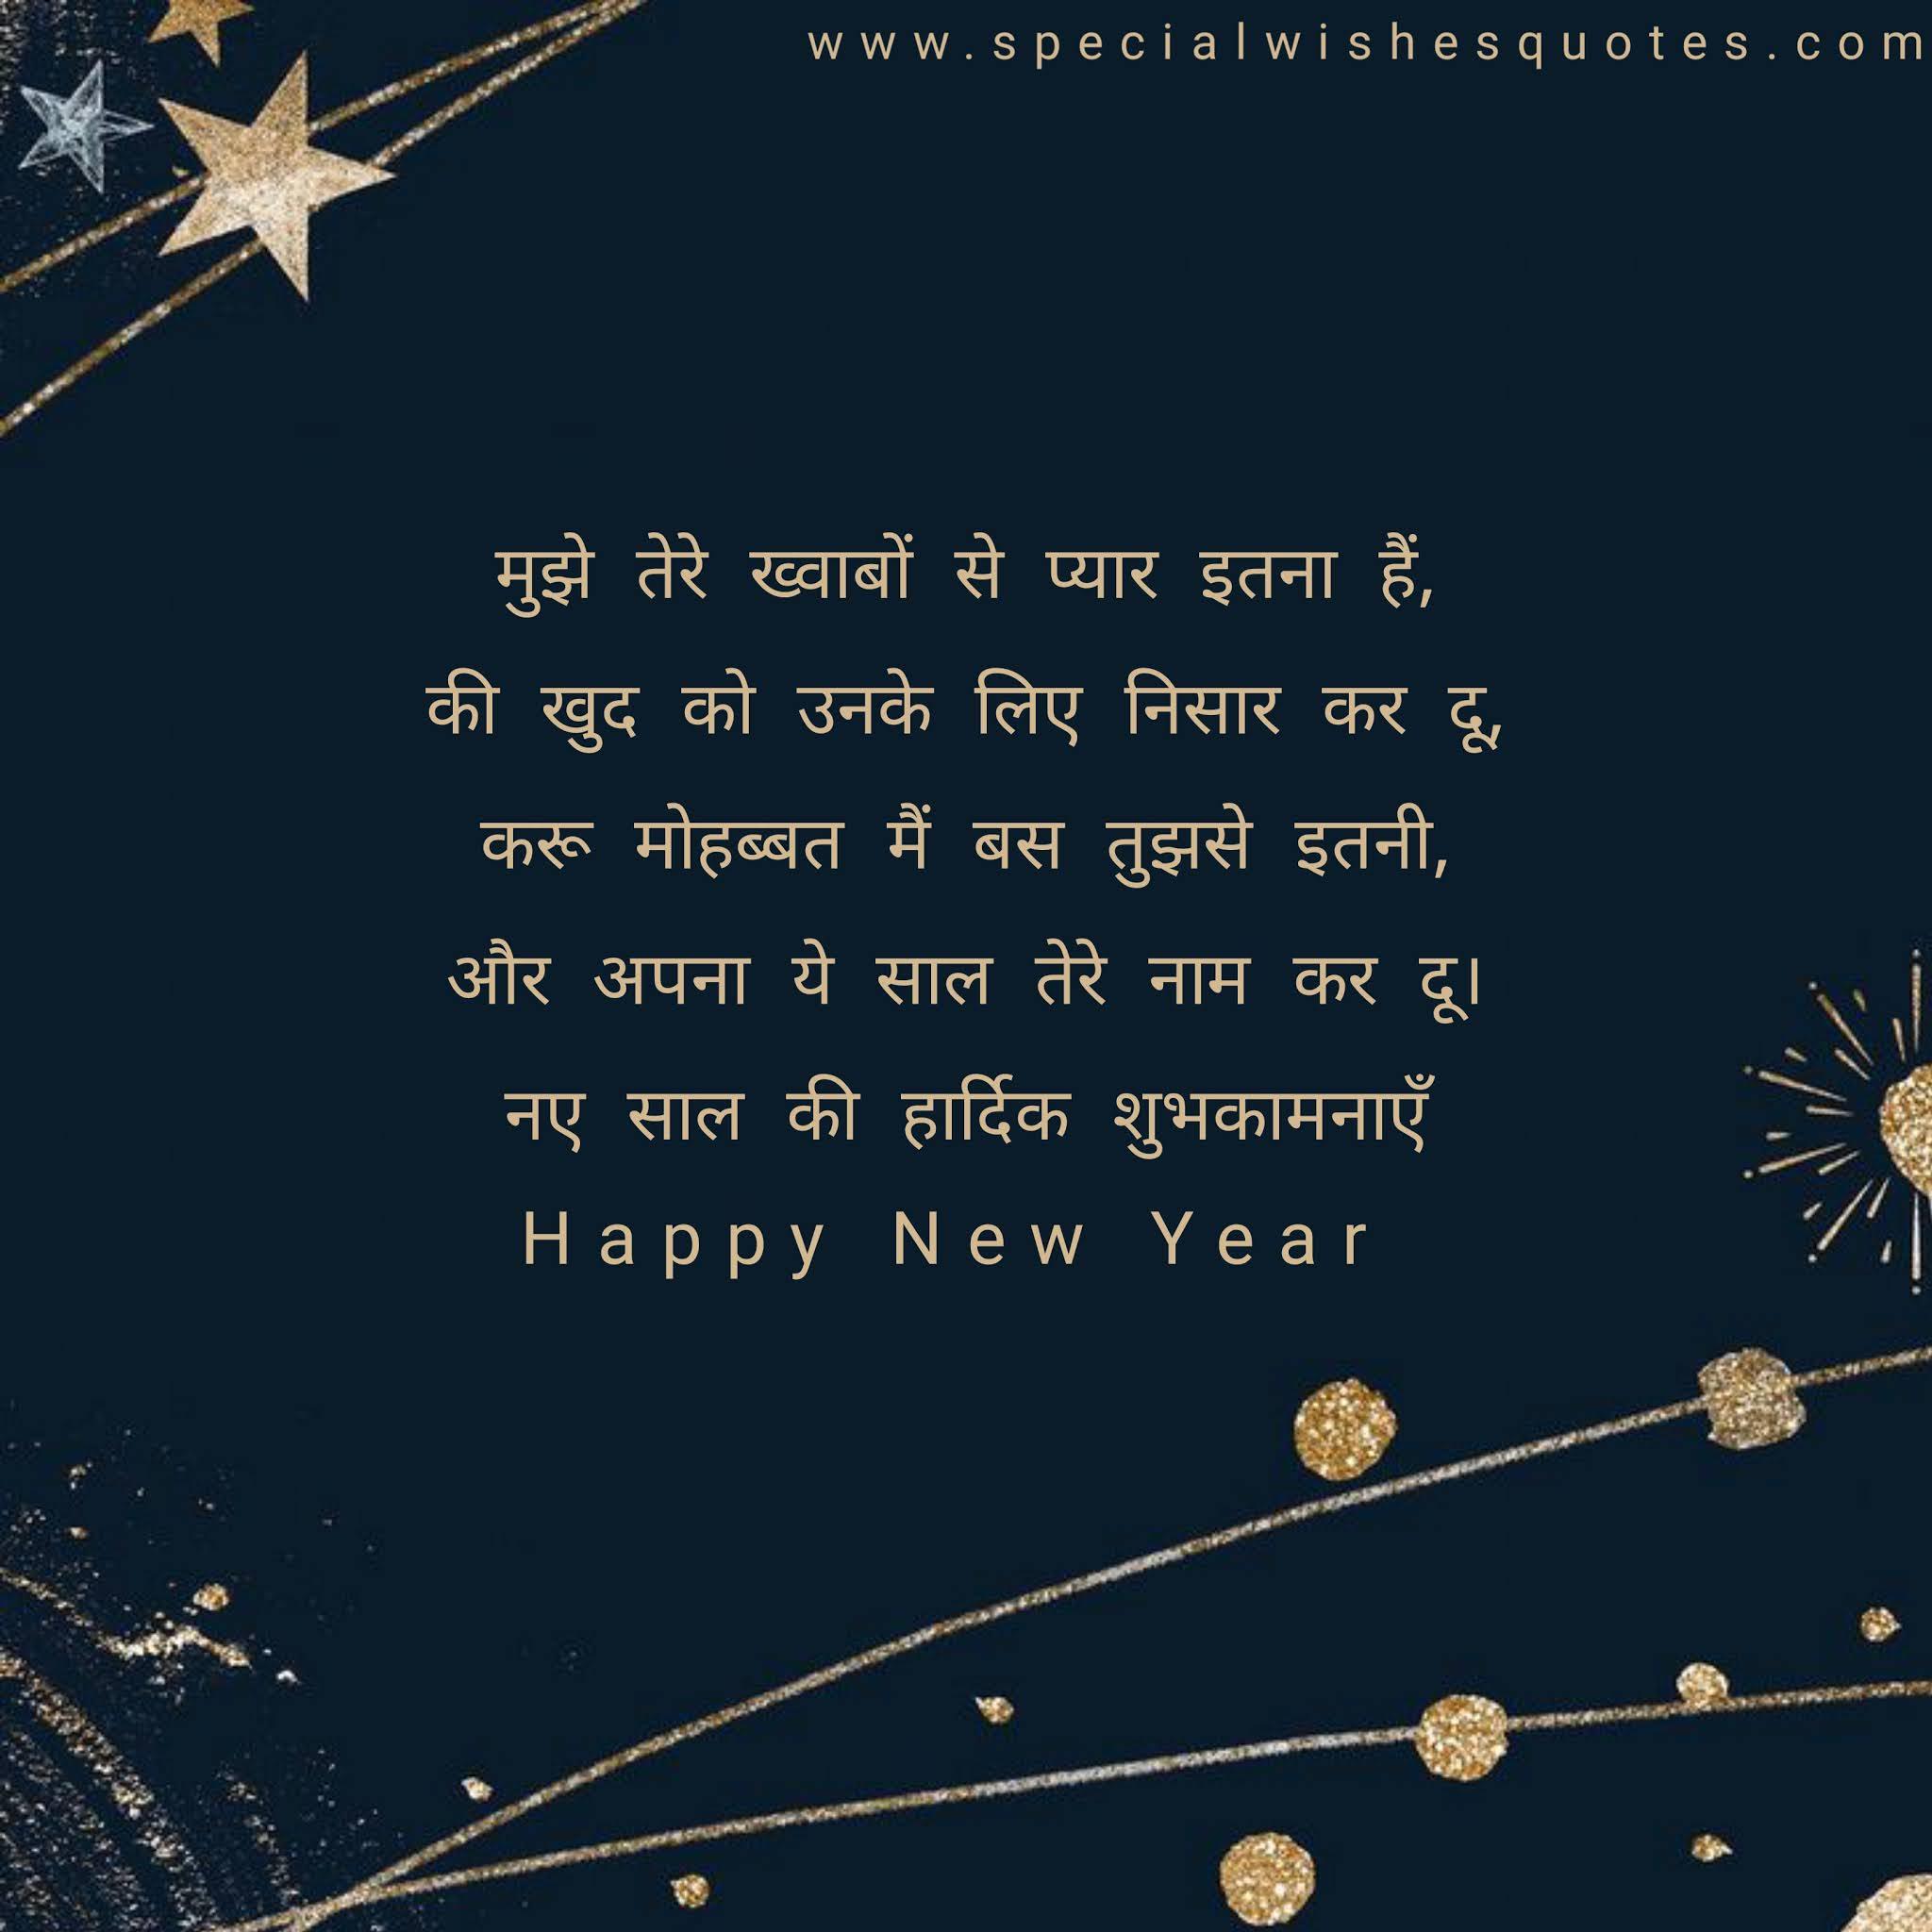 हैप्पी नई ईयर शायरी हिंदी में